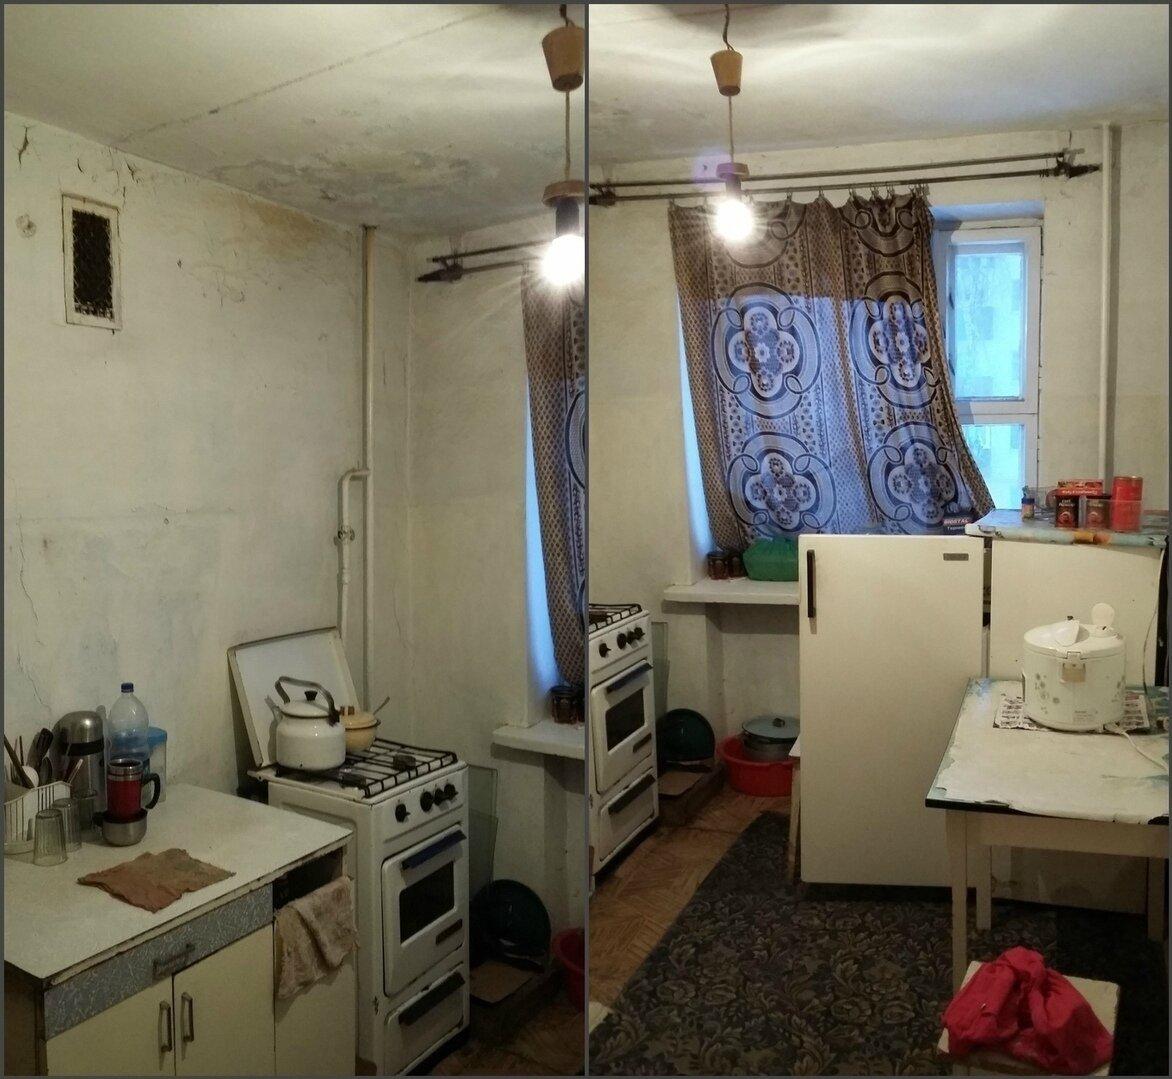 До и После. Капитальный ремонт квартиры, которая была в ужасном состоянии. Преображение интерьера до неузнаваемости